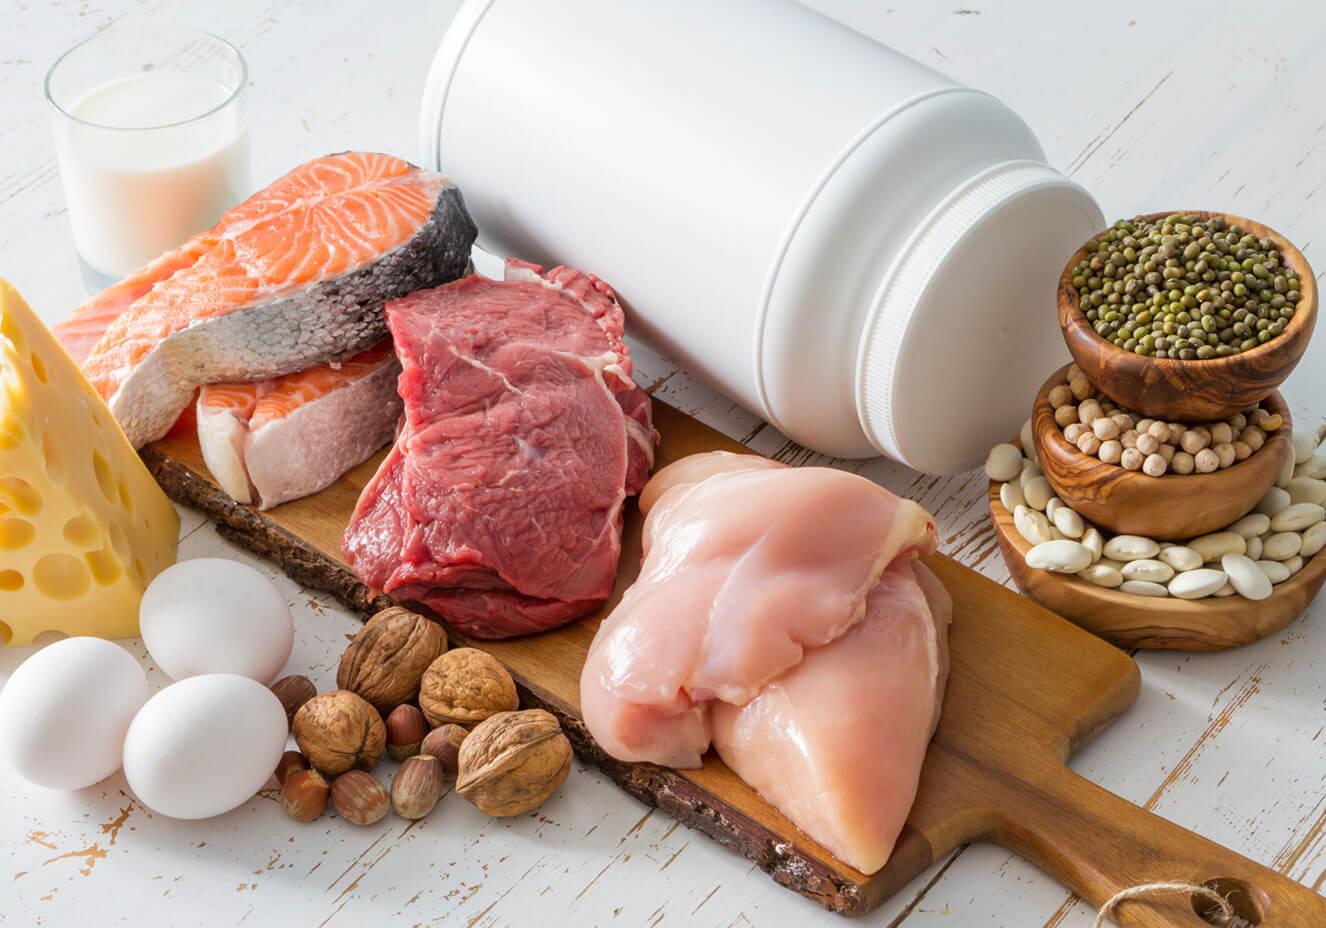 o'que é dieta cetogenica